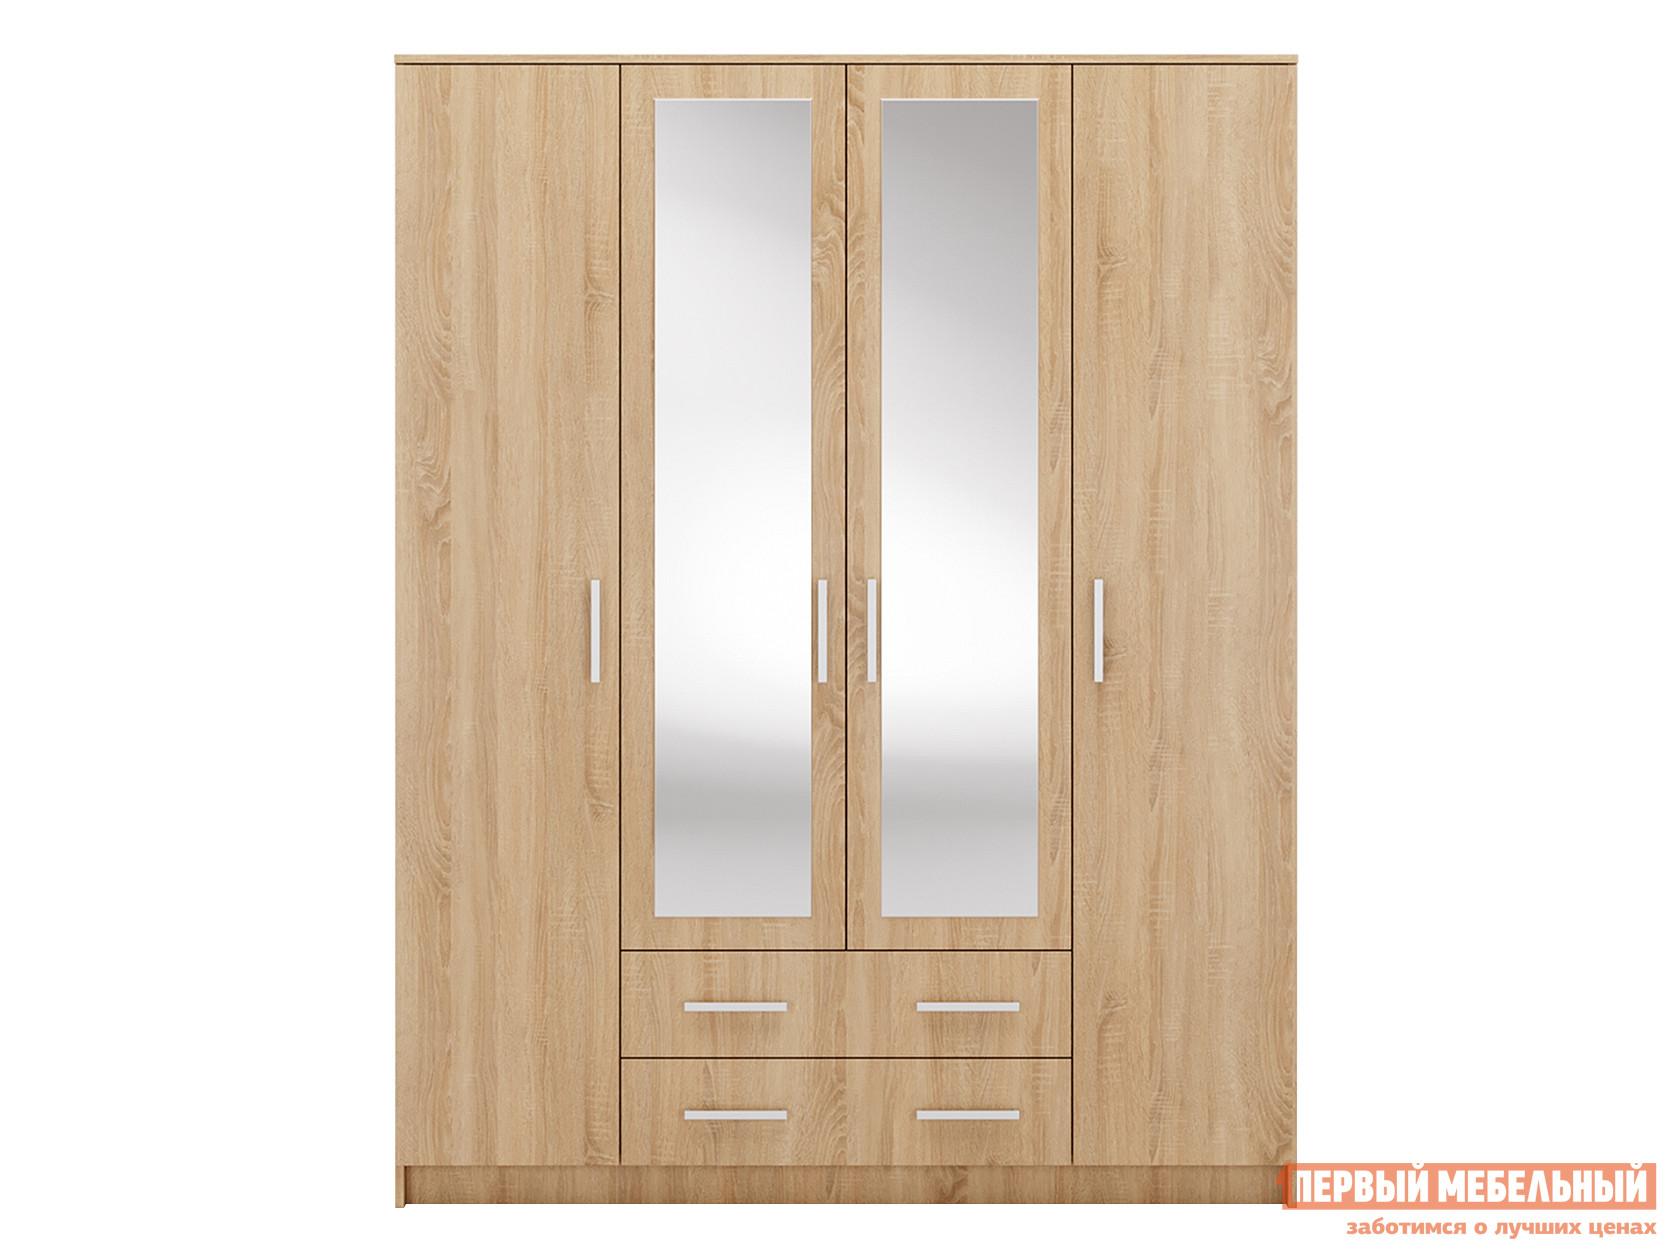 Шкаф распашной Первый Мебельный 4. Айова с зеркалами распашной шкаф первый мебельный тоскана 4